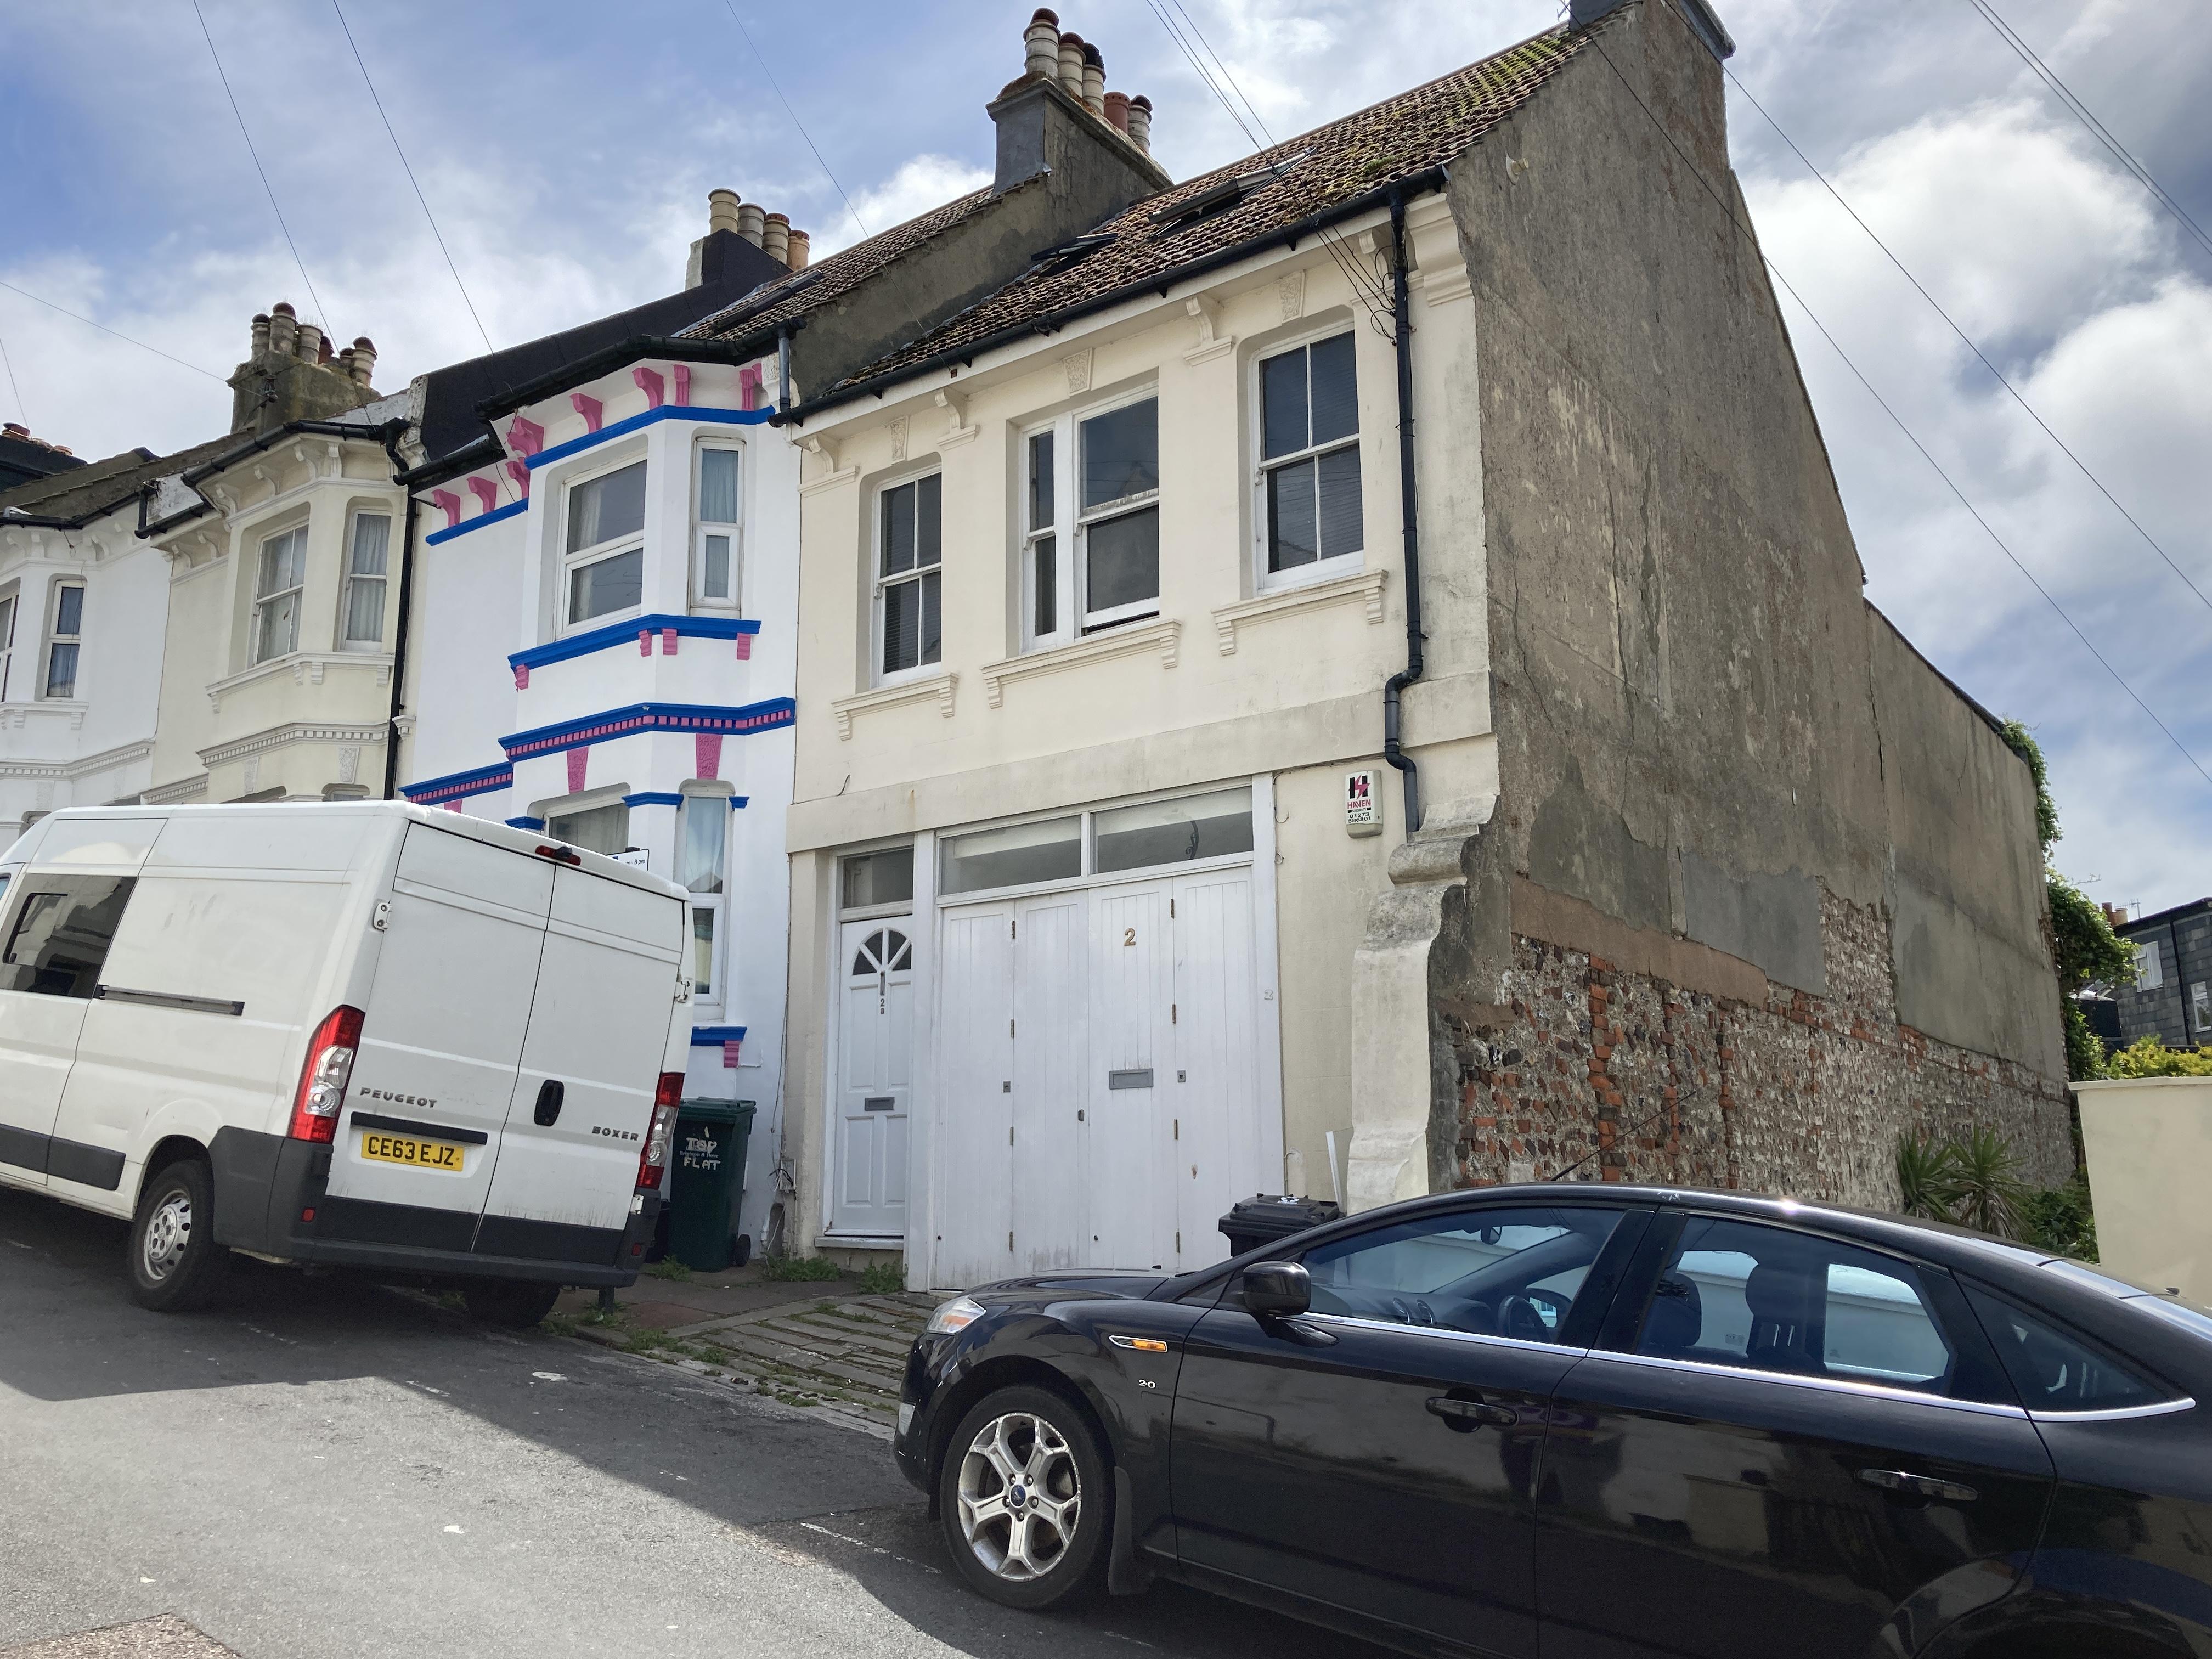 2 Roundhill Road Brighton image.